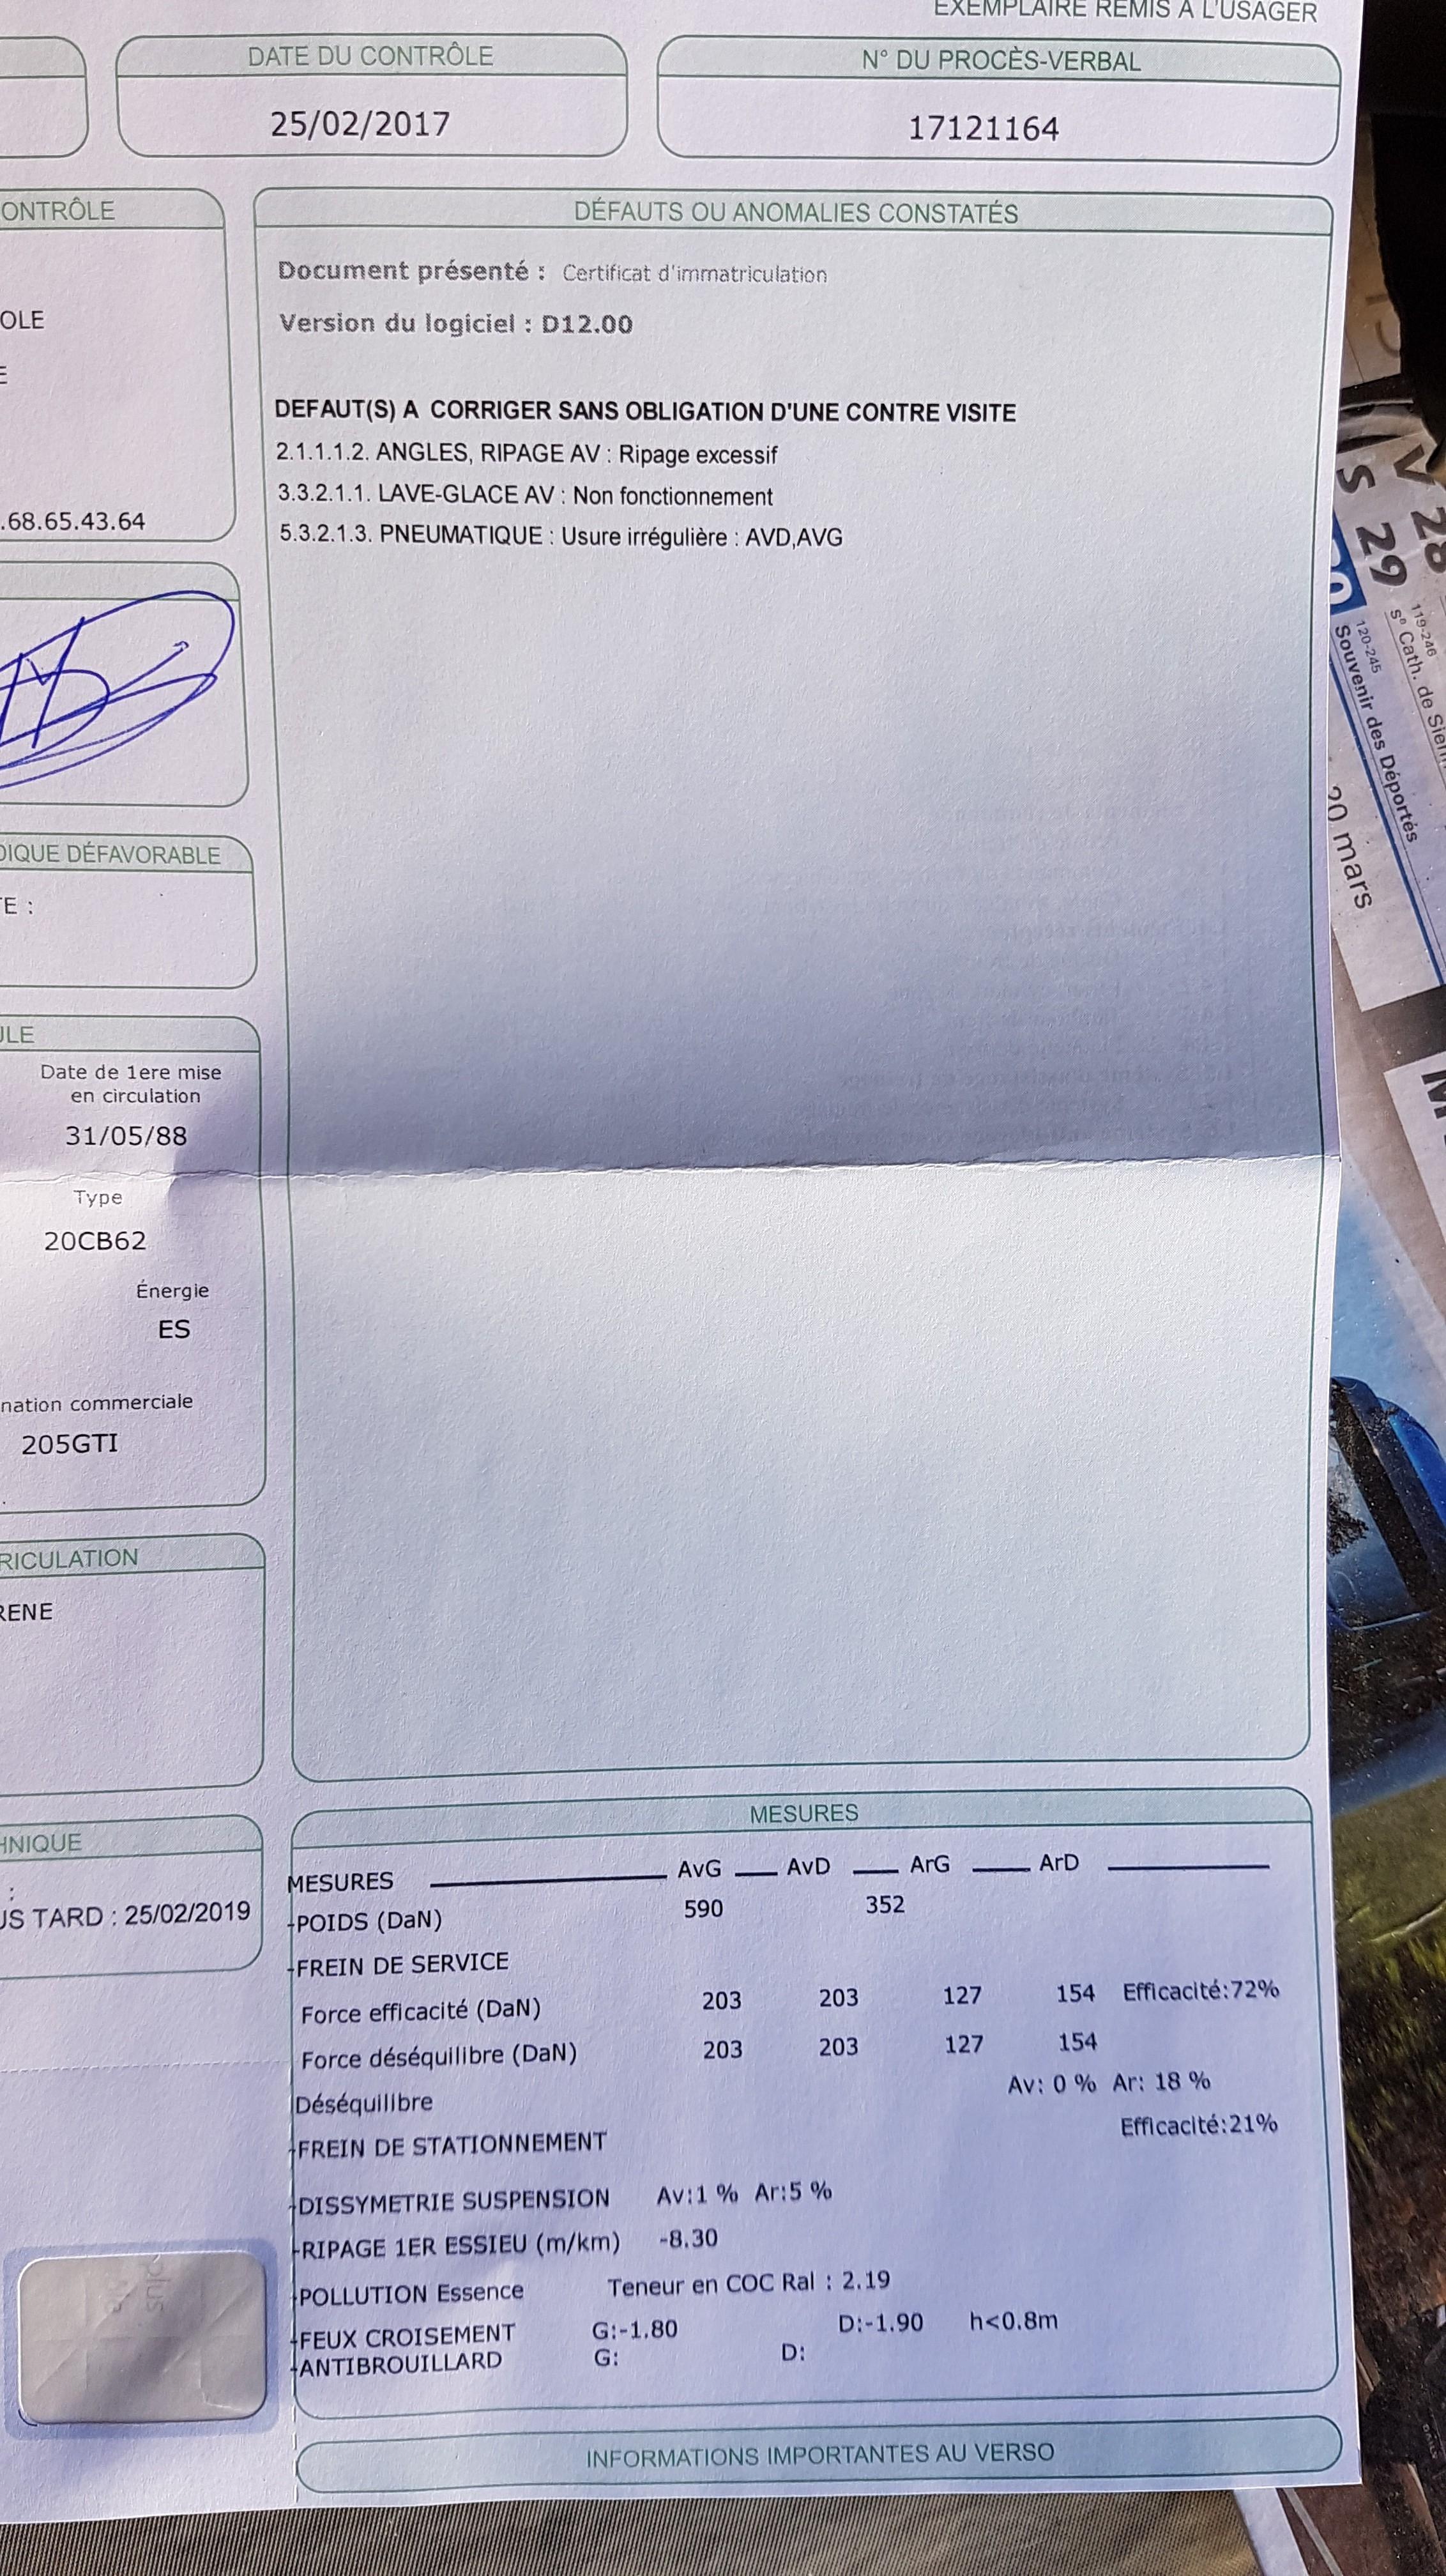 [toreto04] 205 GTI 1.6L - Gris Graphite - 1988 - Page 33 YKRxfy